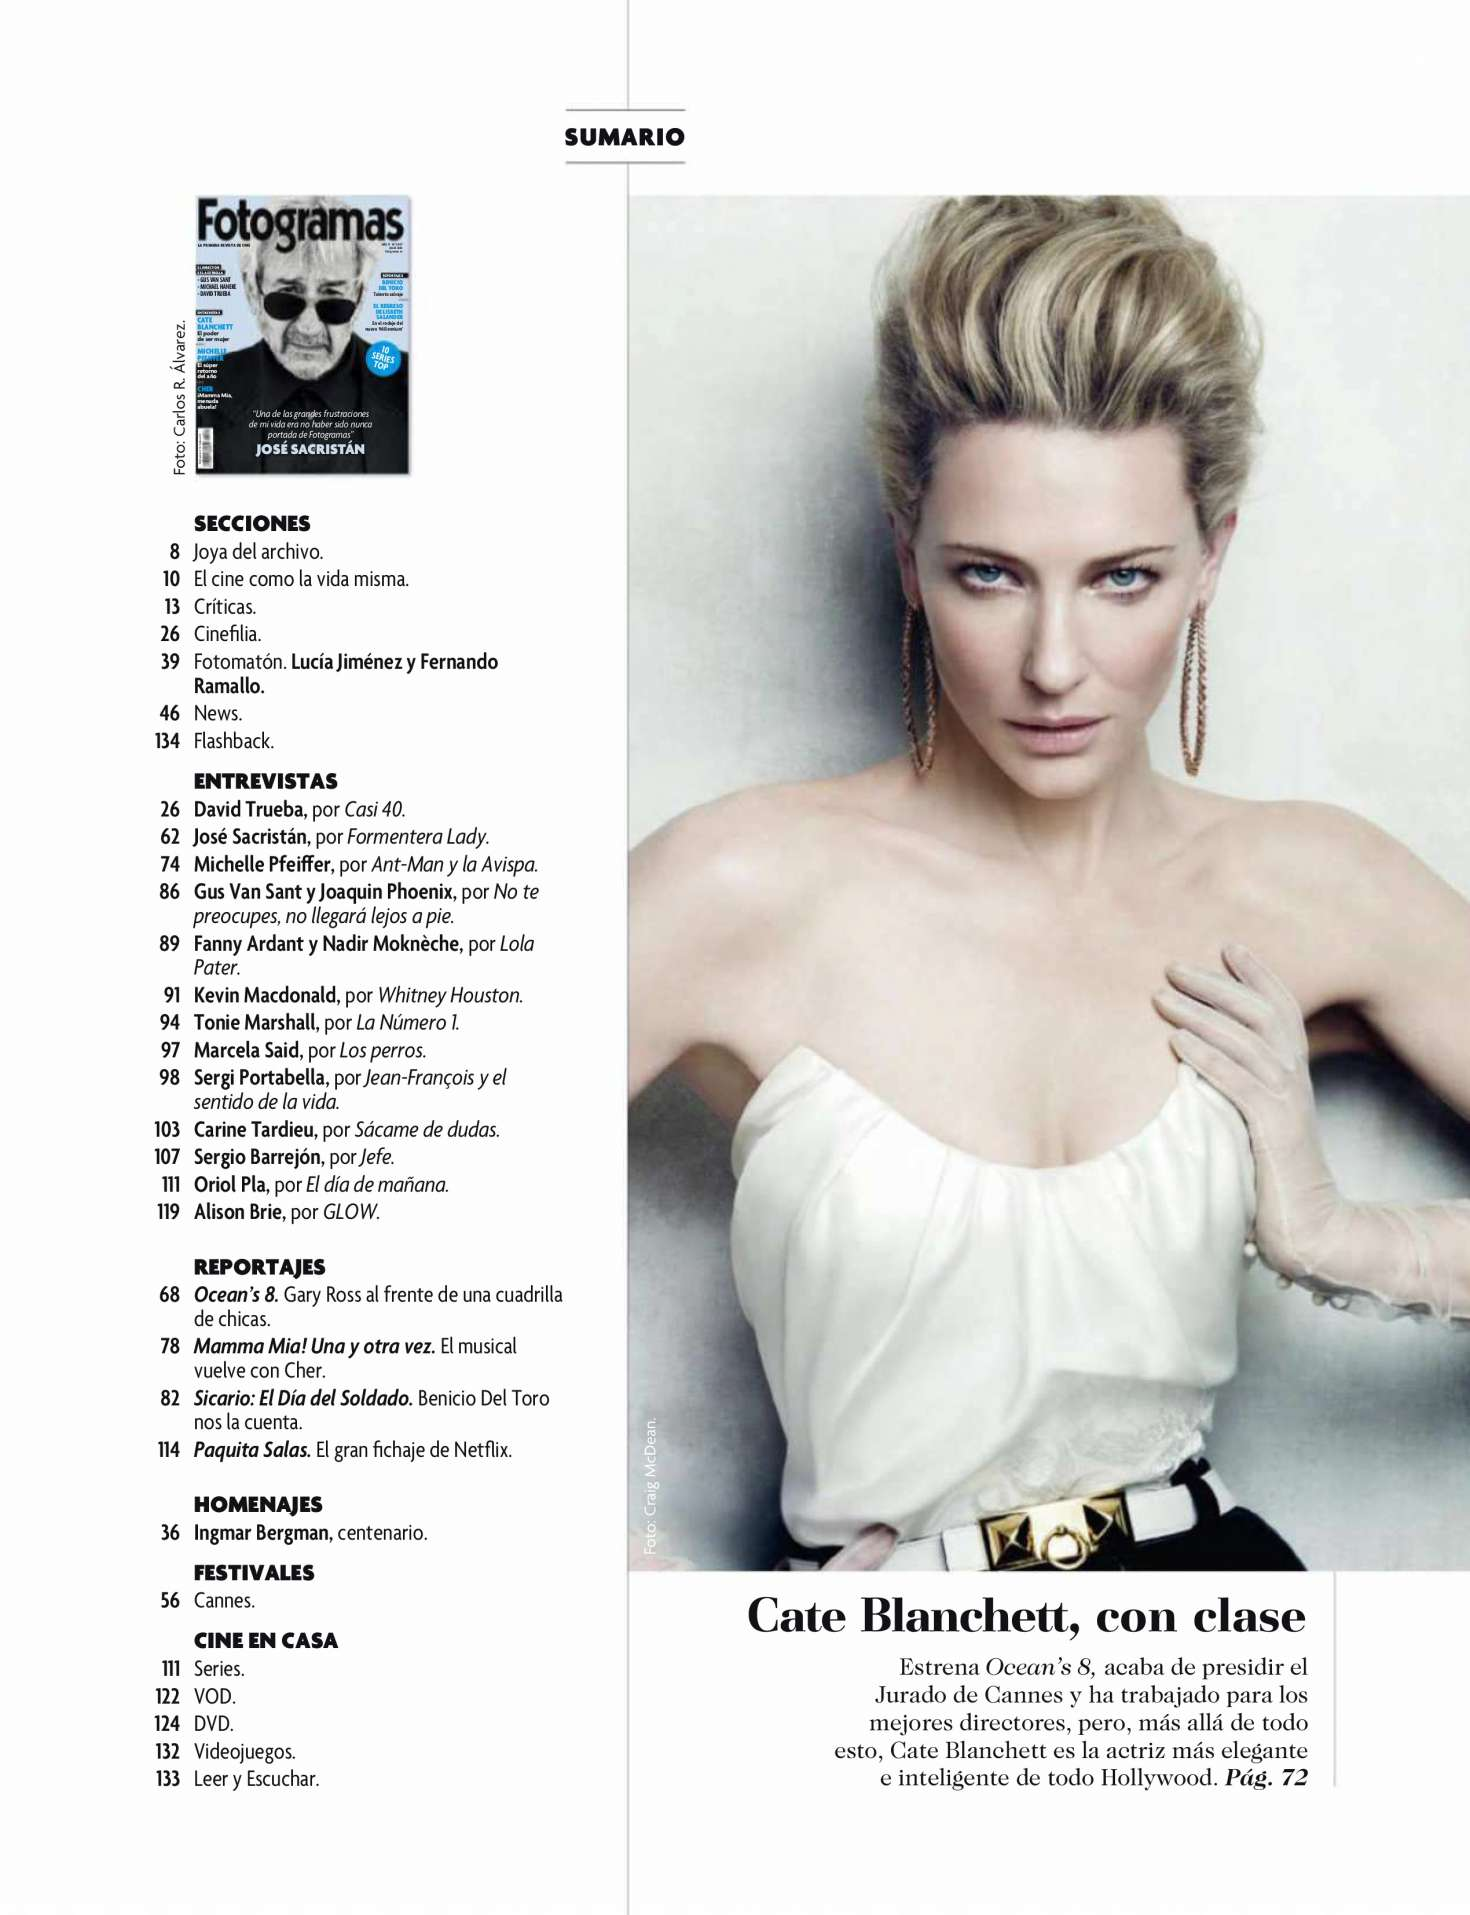 Cate Blanchett 2018 : Cate Blanchett: Fotogramas 2018 -01